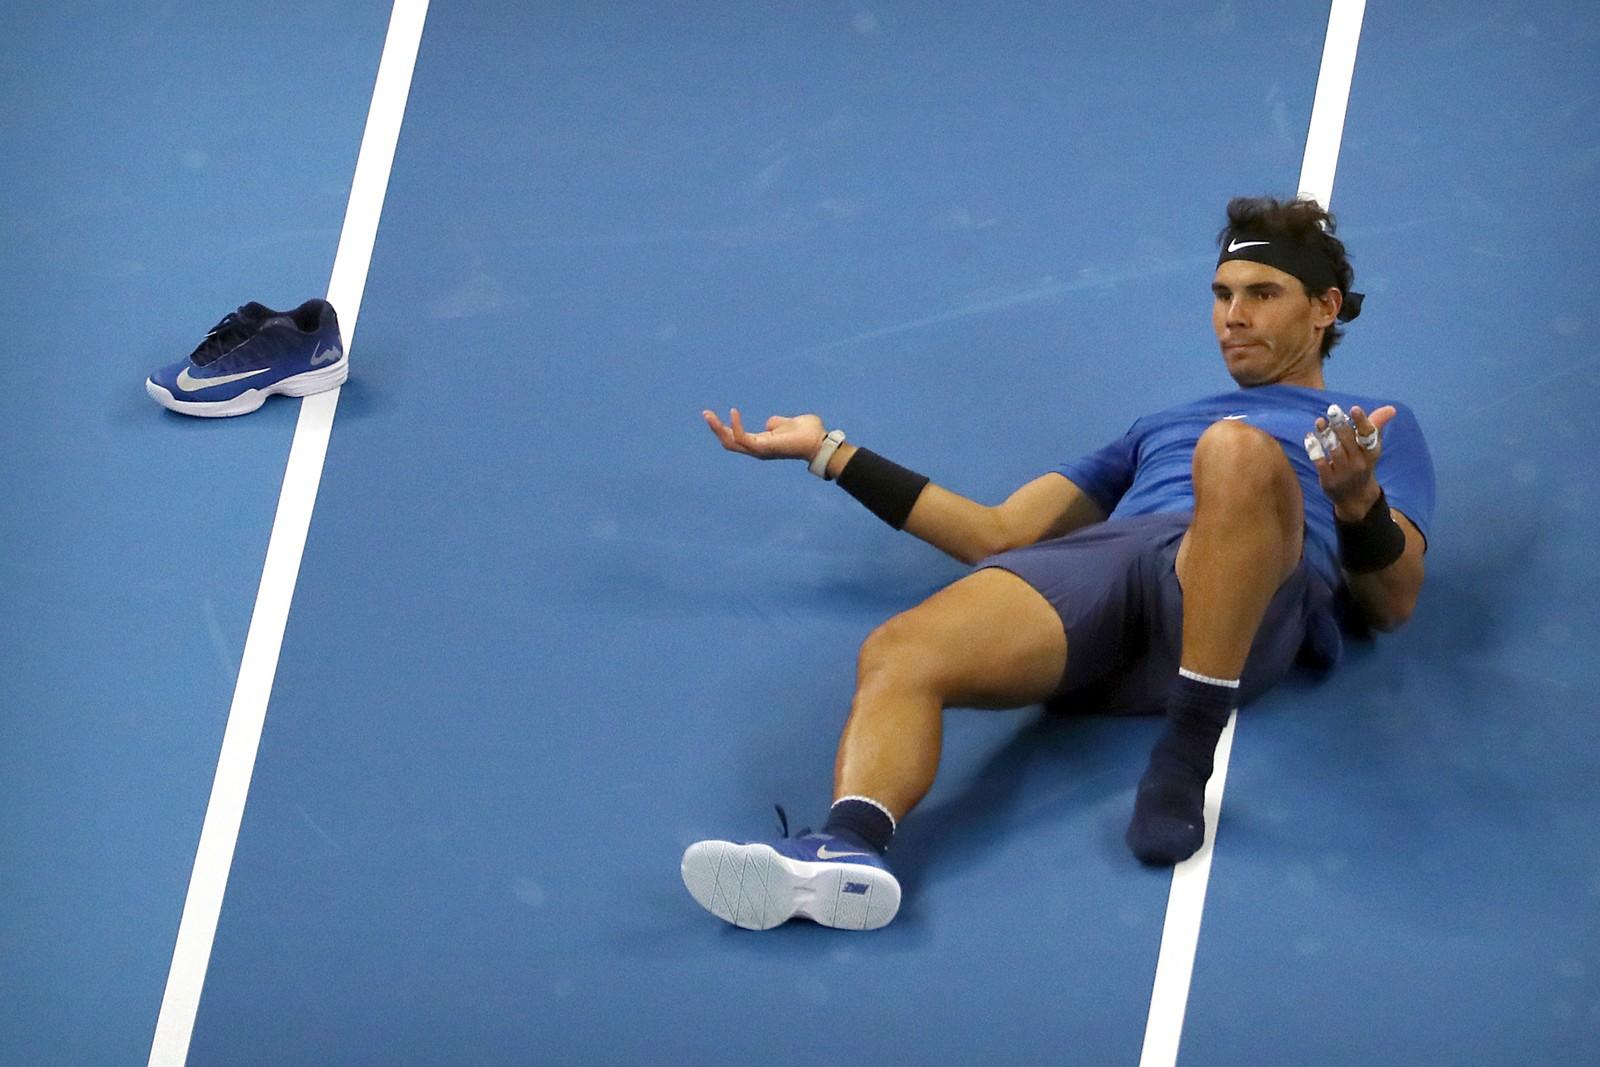 Rafael Nadal klarte å miste skoen under en tennismatch mot franske Lucas Pouille denne uka. Også i mars i år opplevde han det samme. Men begge gangene vant han kampene ganske greit.